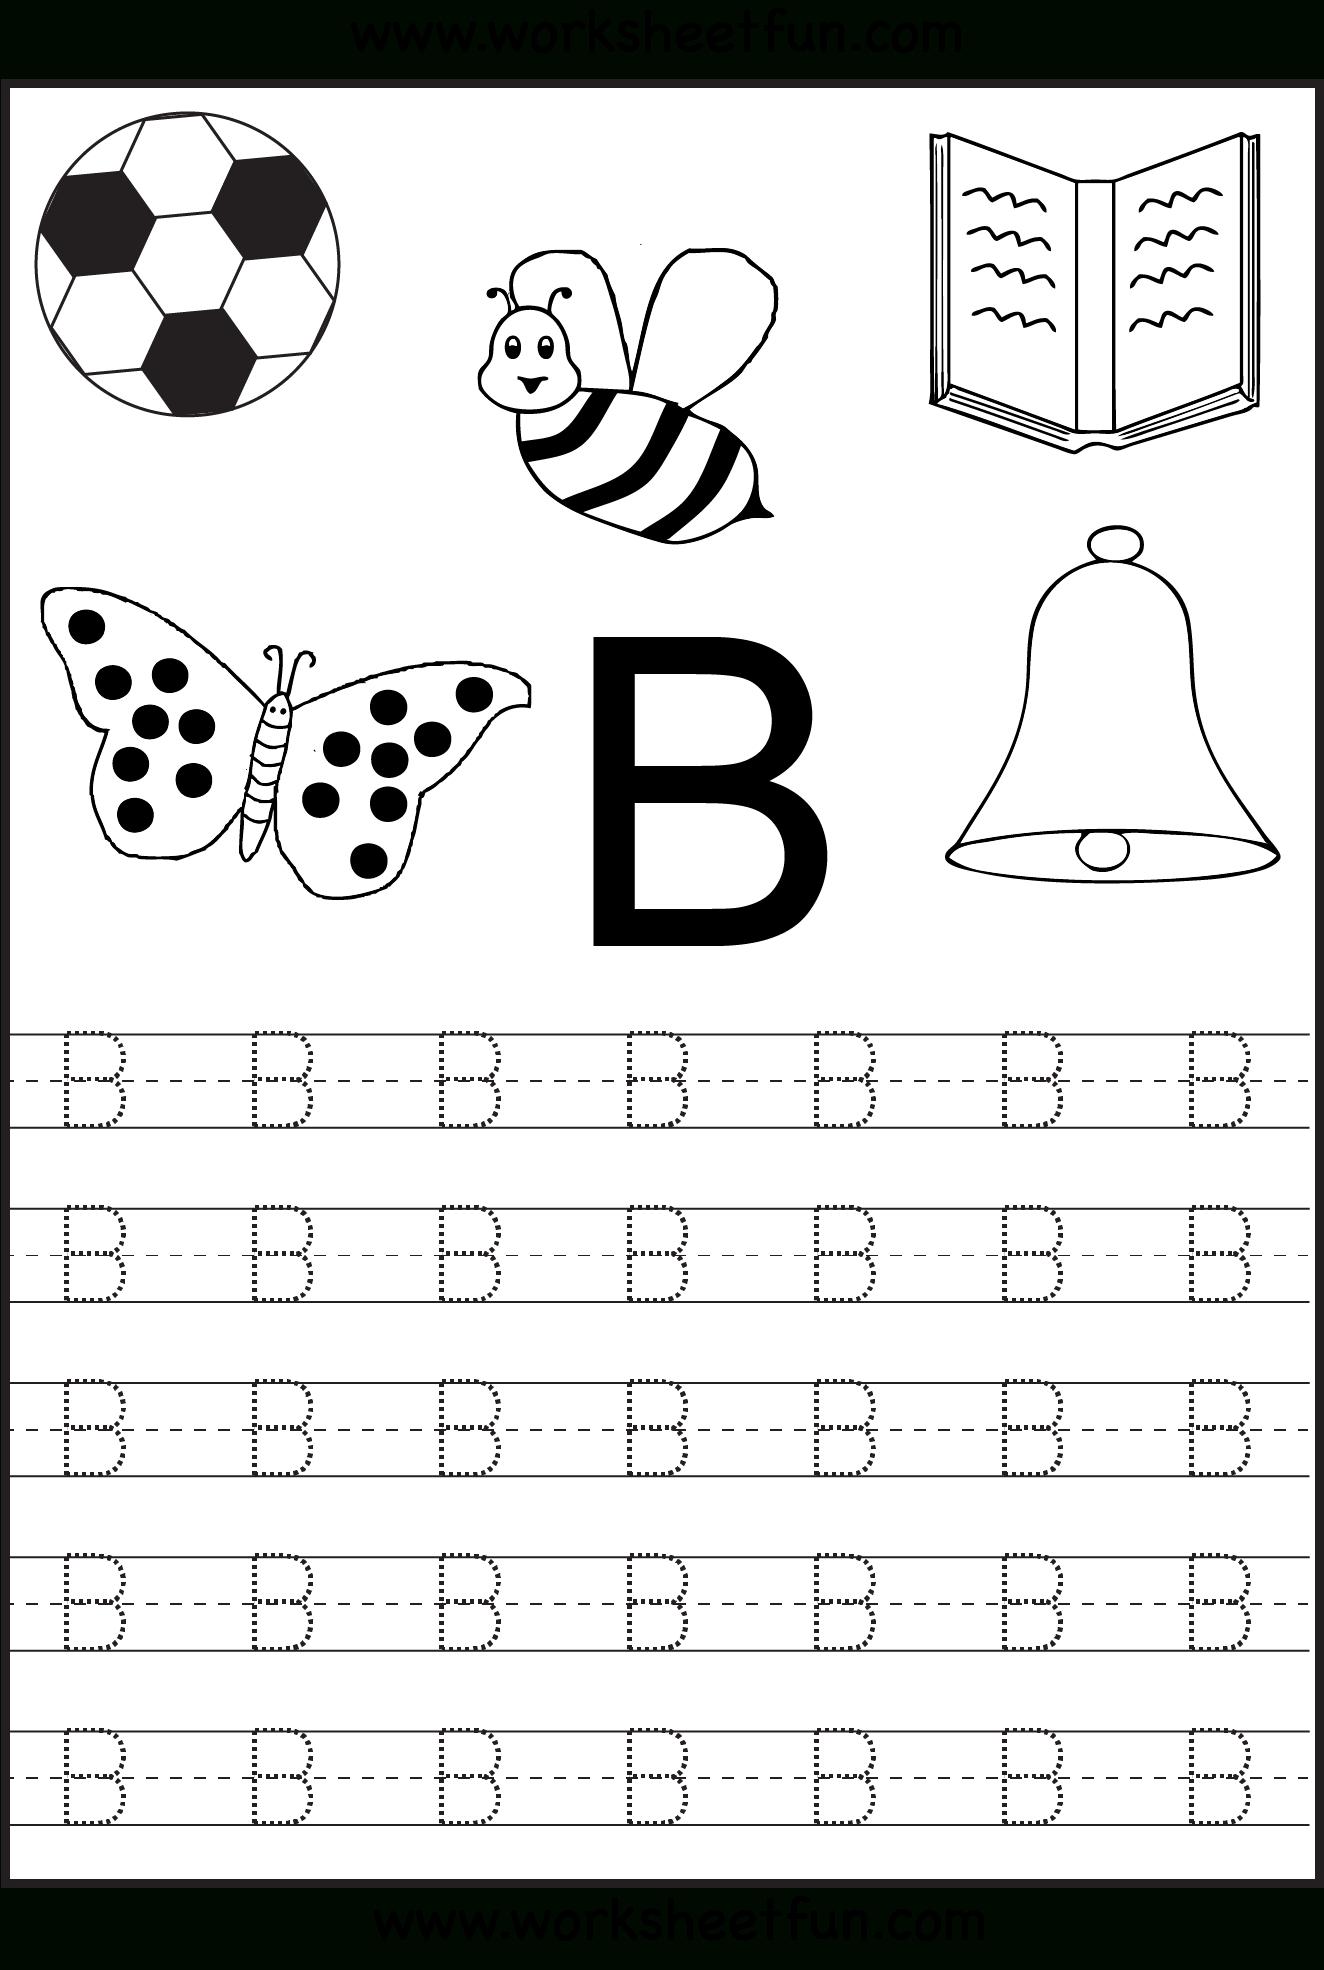 Free Printable Letter Tracing Worksheets For Kindergarten – 26 | Alphabet Worksheets For Preschoolers Printable